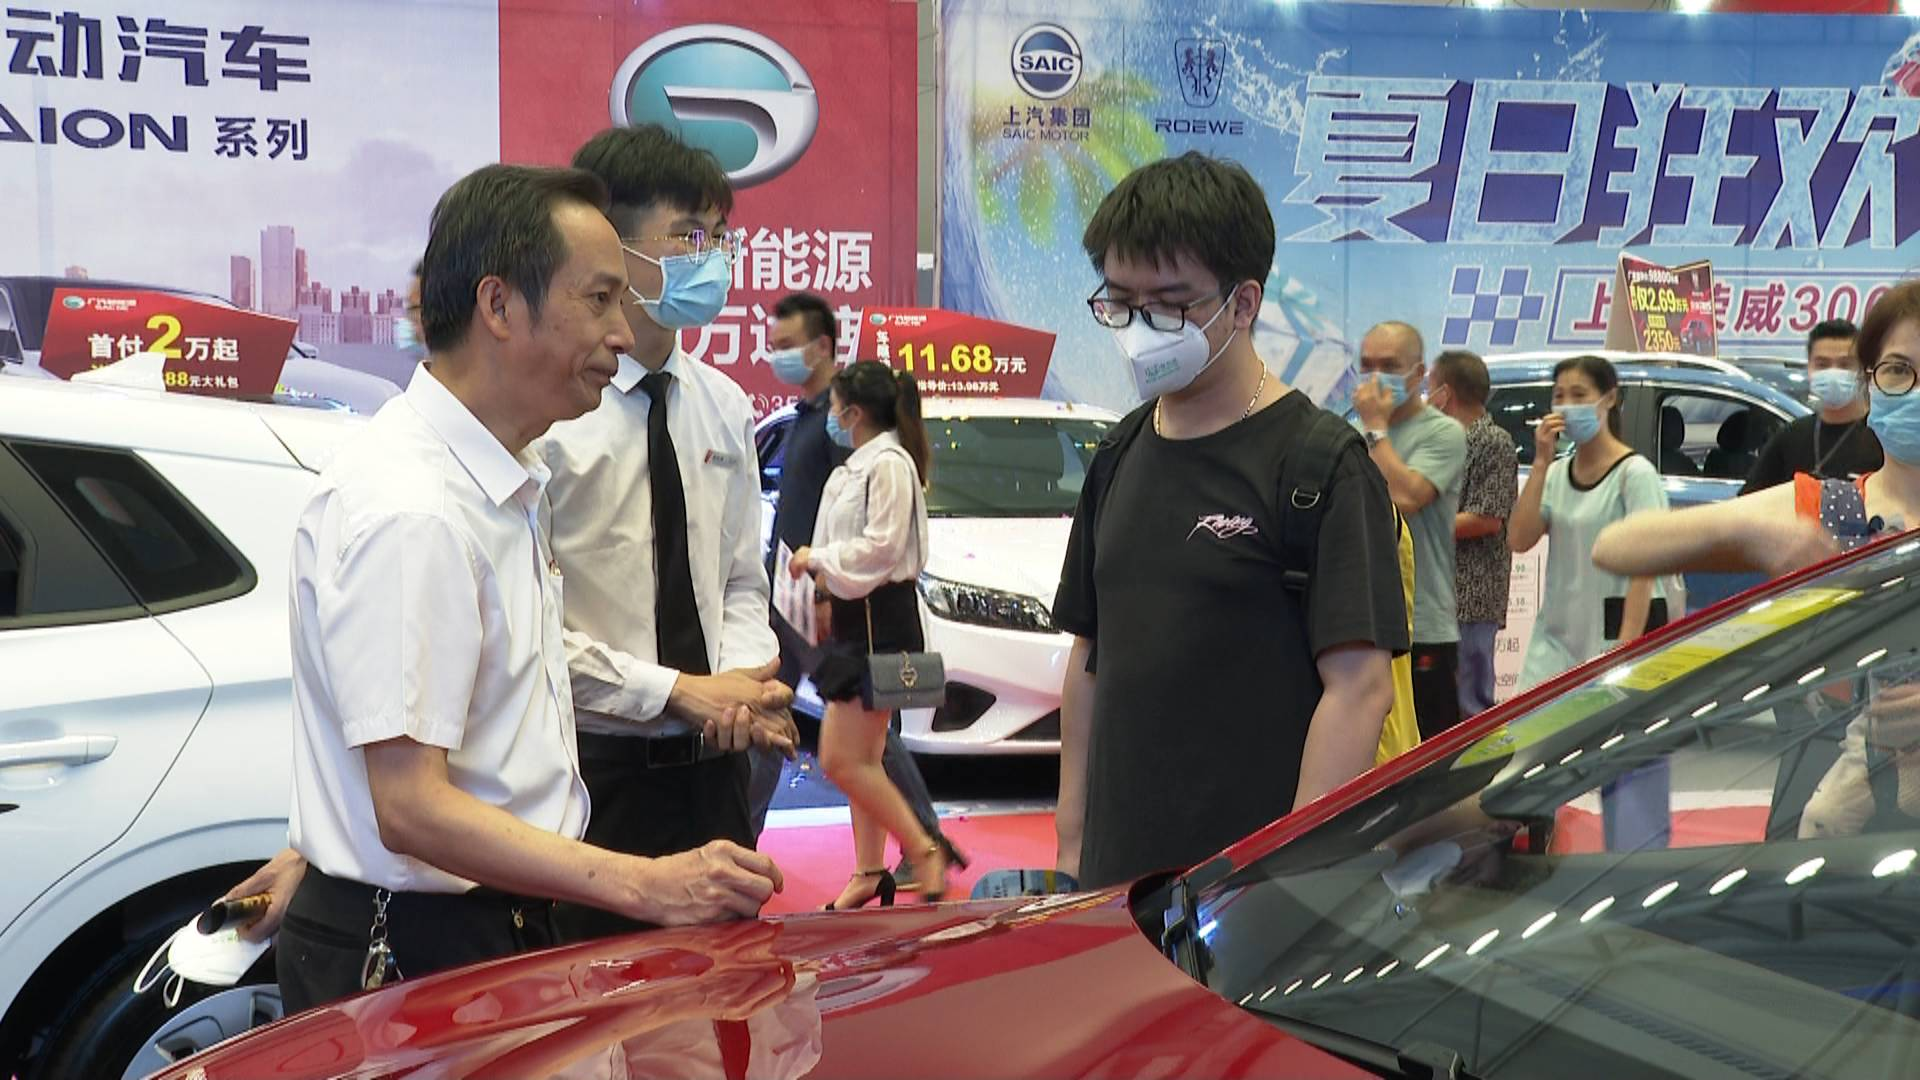 2020江門汽車特惠節:多項購車優惠疊加 刺激市民購車消費